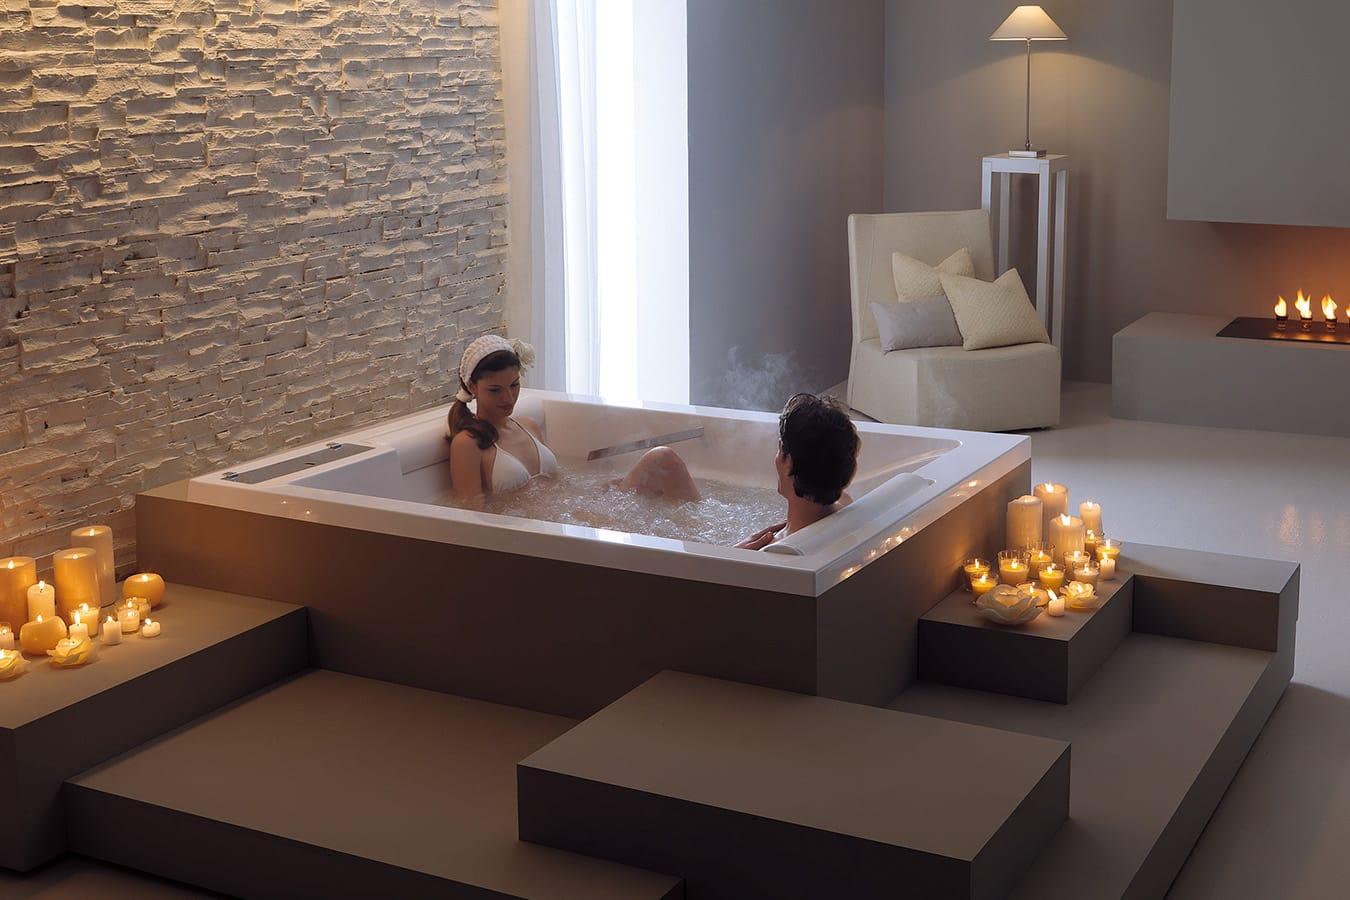 Vasca Da Bagno Enorme scegliere la vasca idromassaggio giusta per il proprio bagno